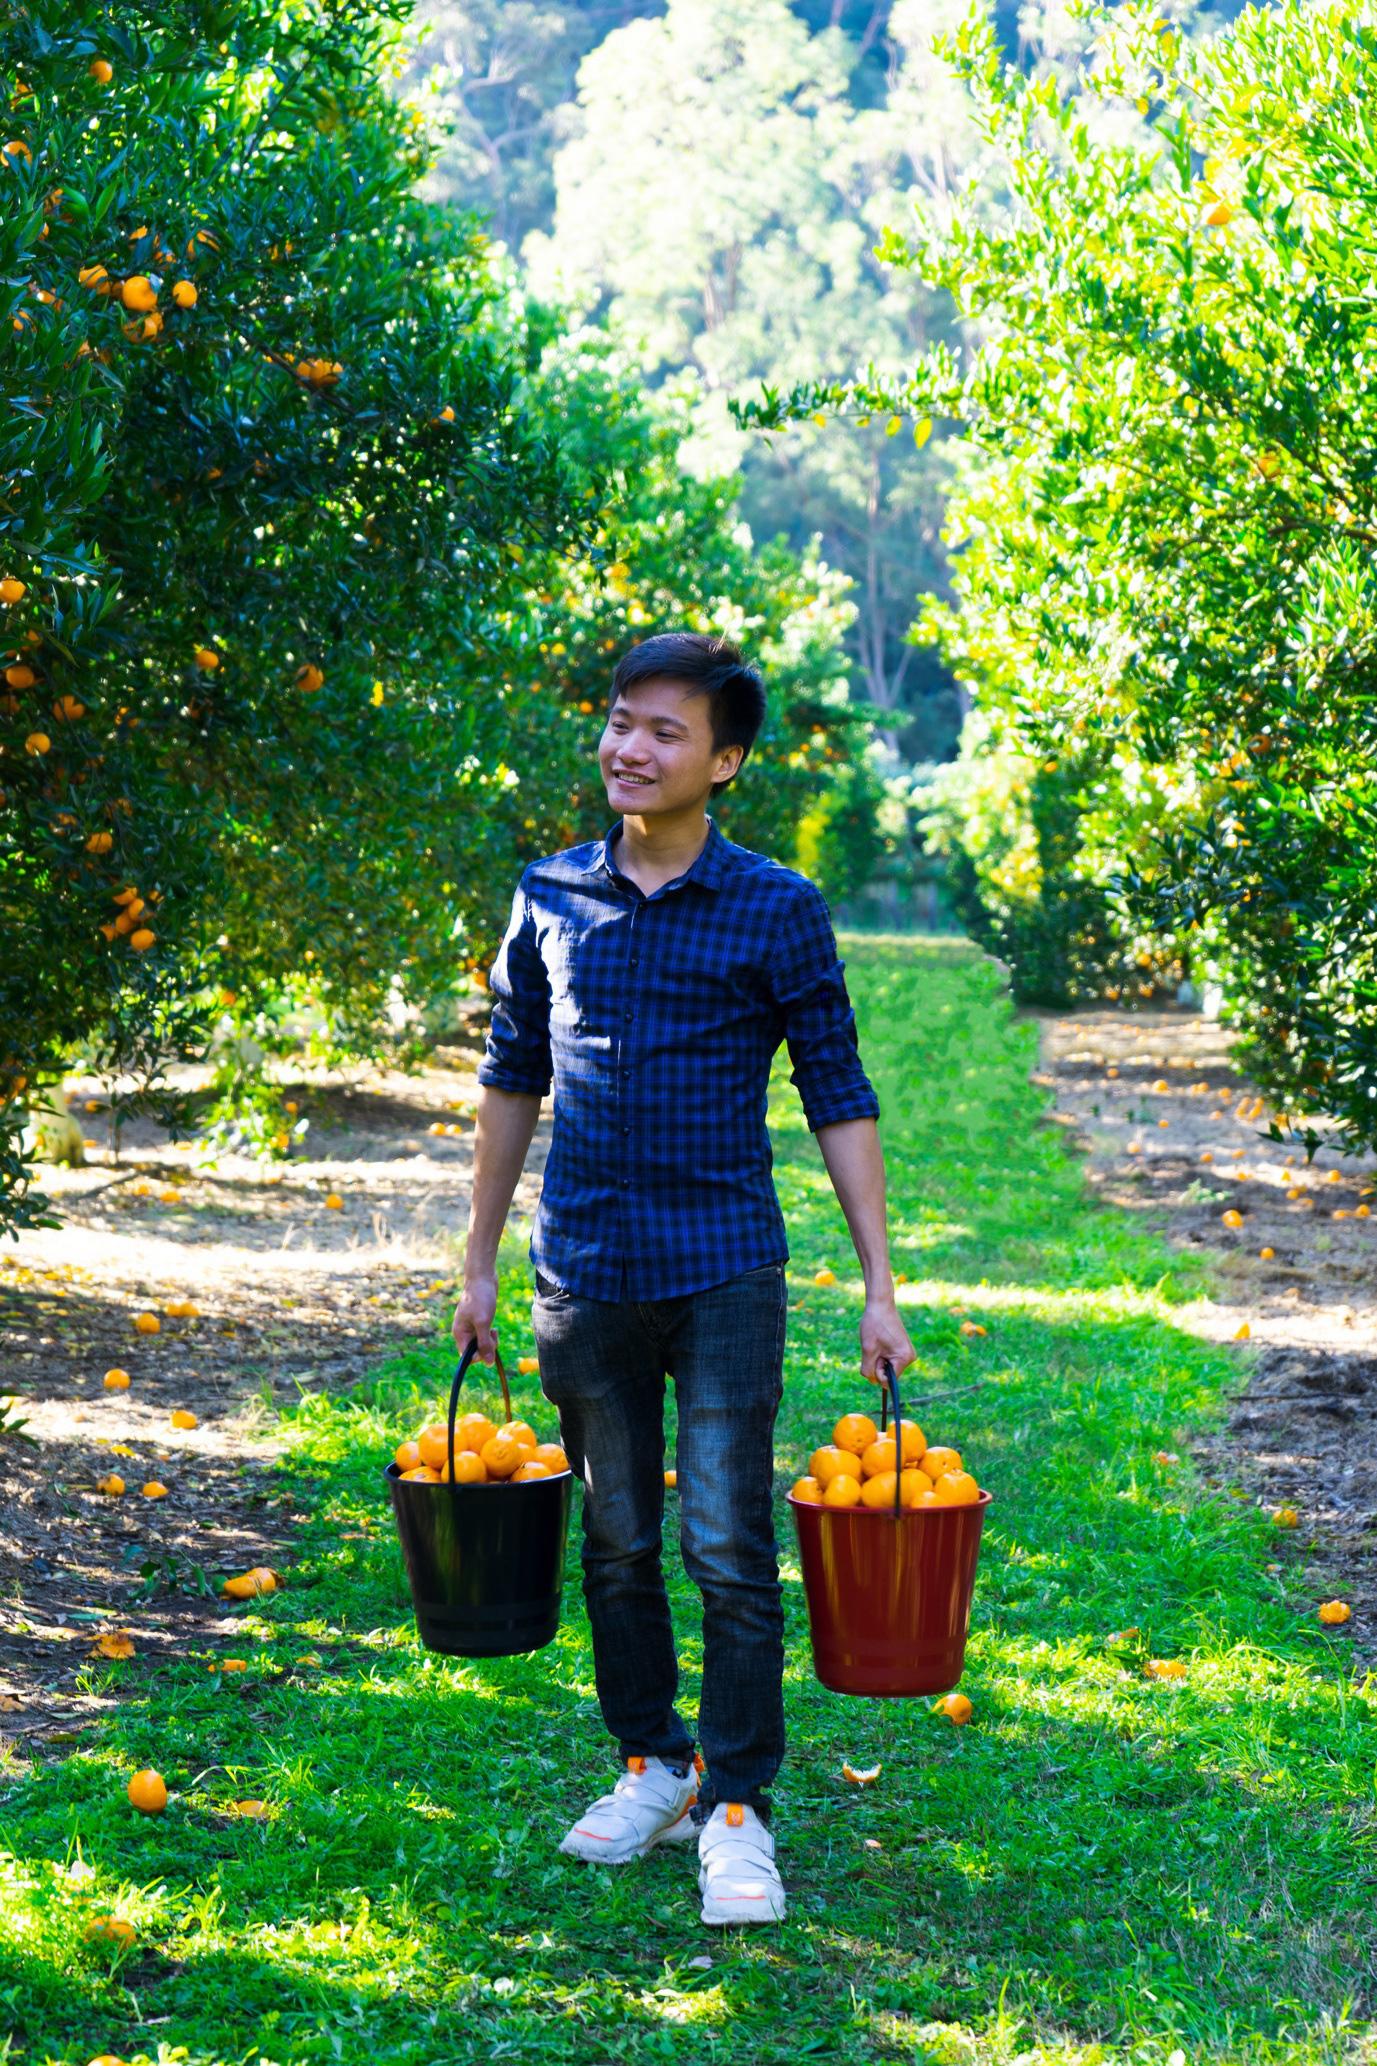 Chàng SV Bách khoa Hà Nội thổi sáo độc lạ... bằng cuống lá đu đủ có thành tích cực khủng - Ảnh 3.